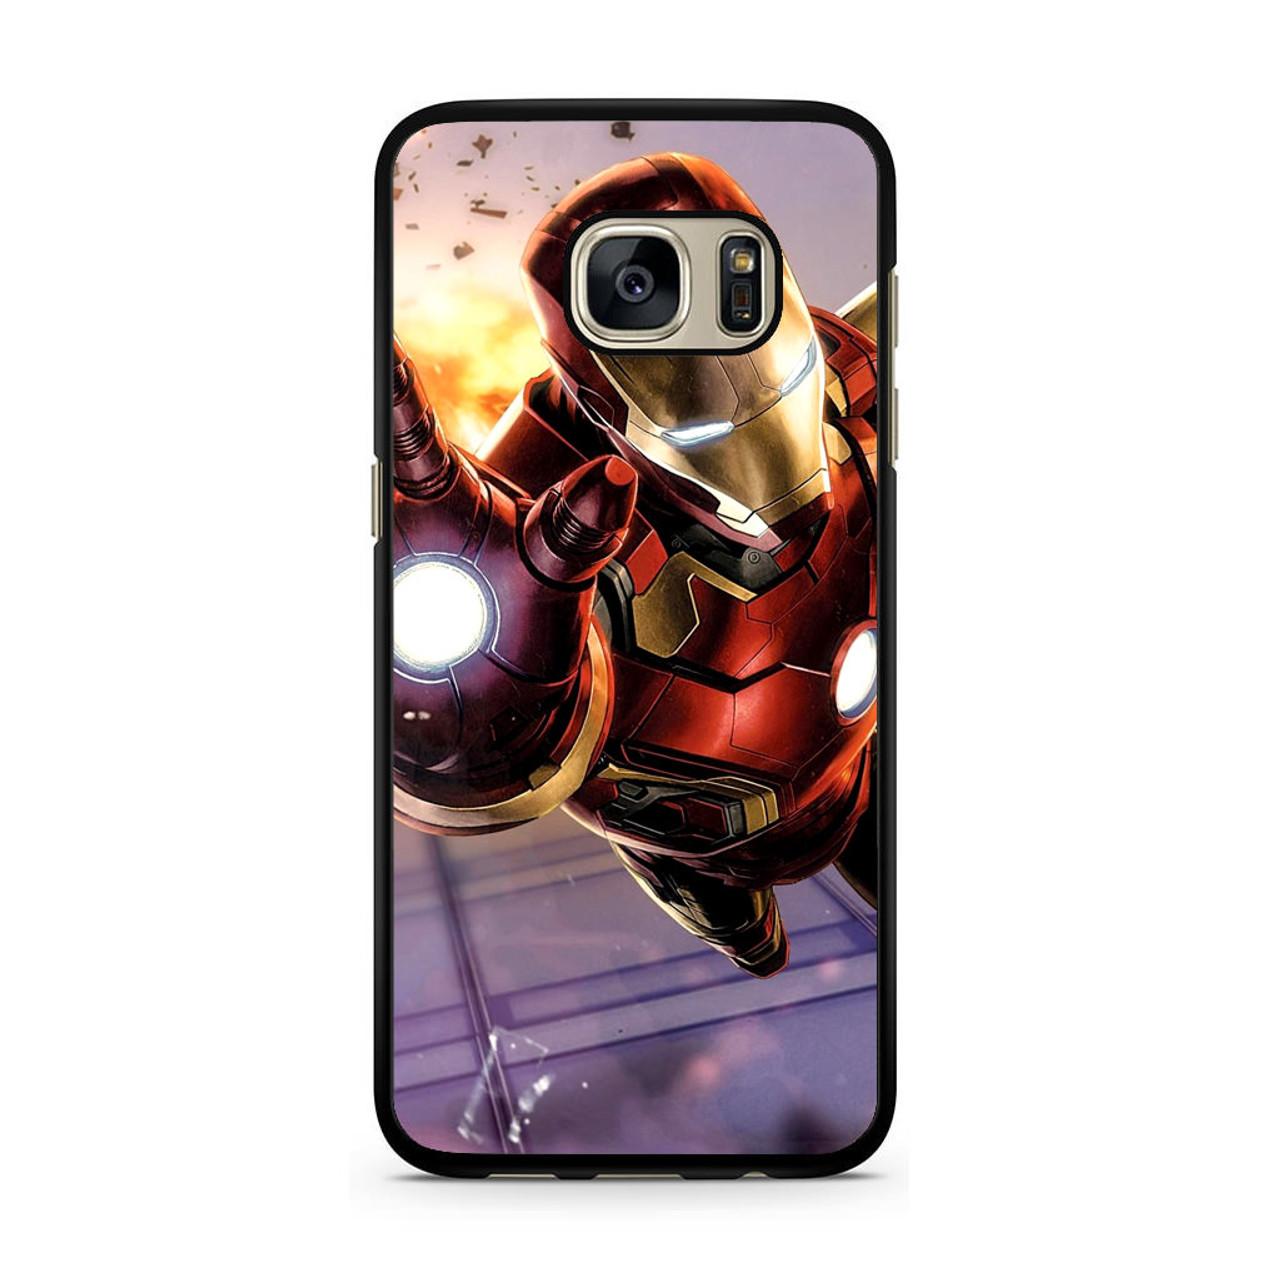 sale retailer bd74d 2700d Iron Man Avengers Samsung Galaxy S7 Case